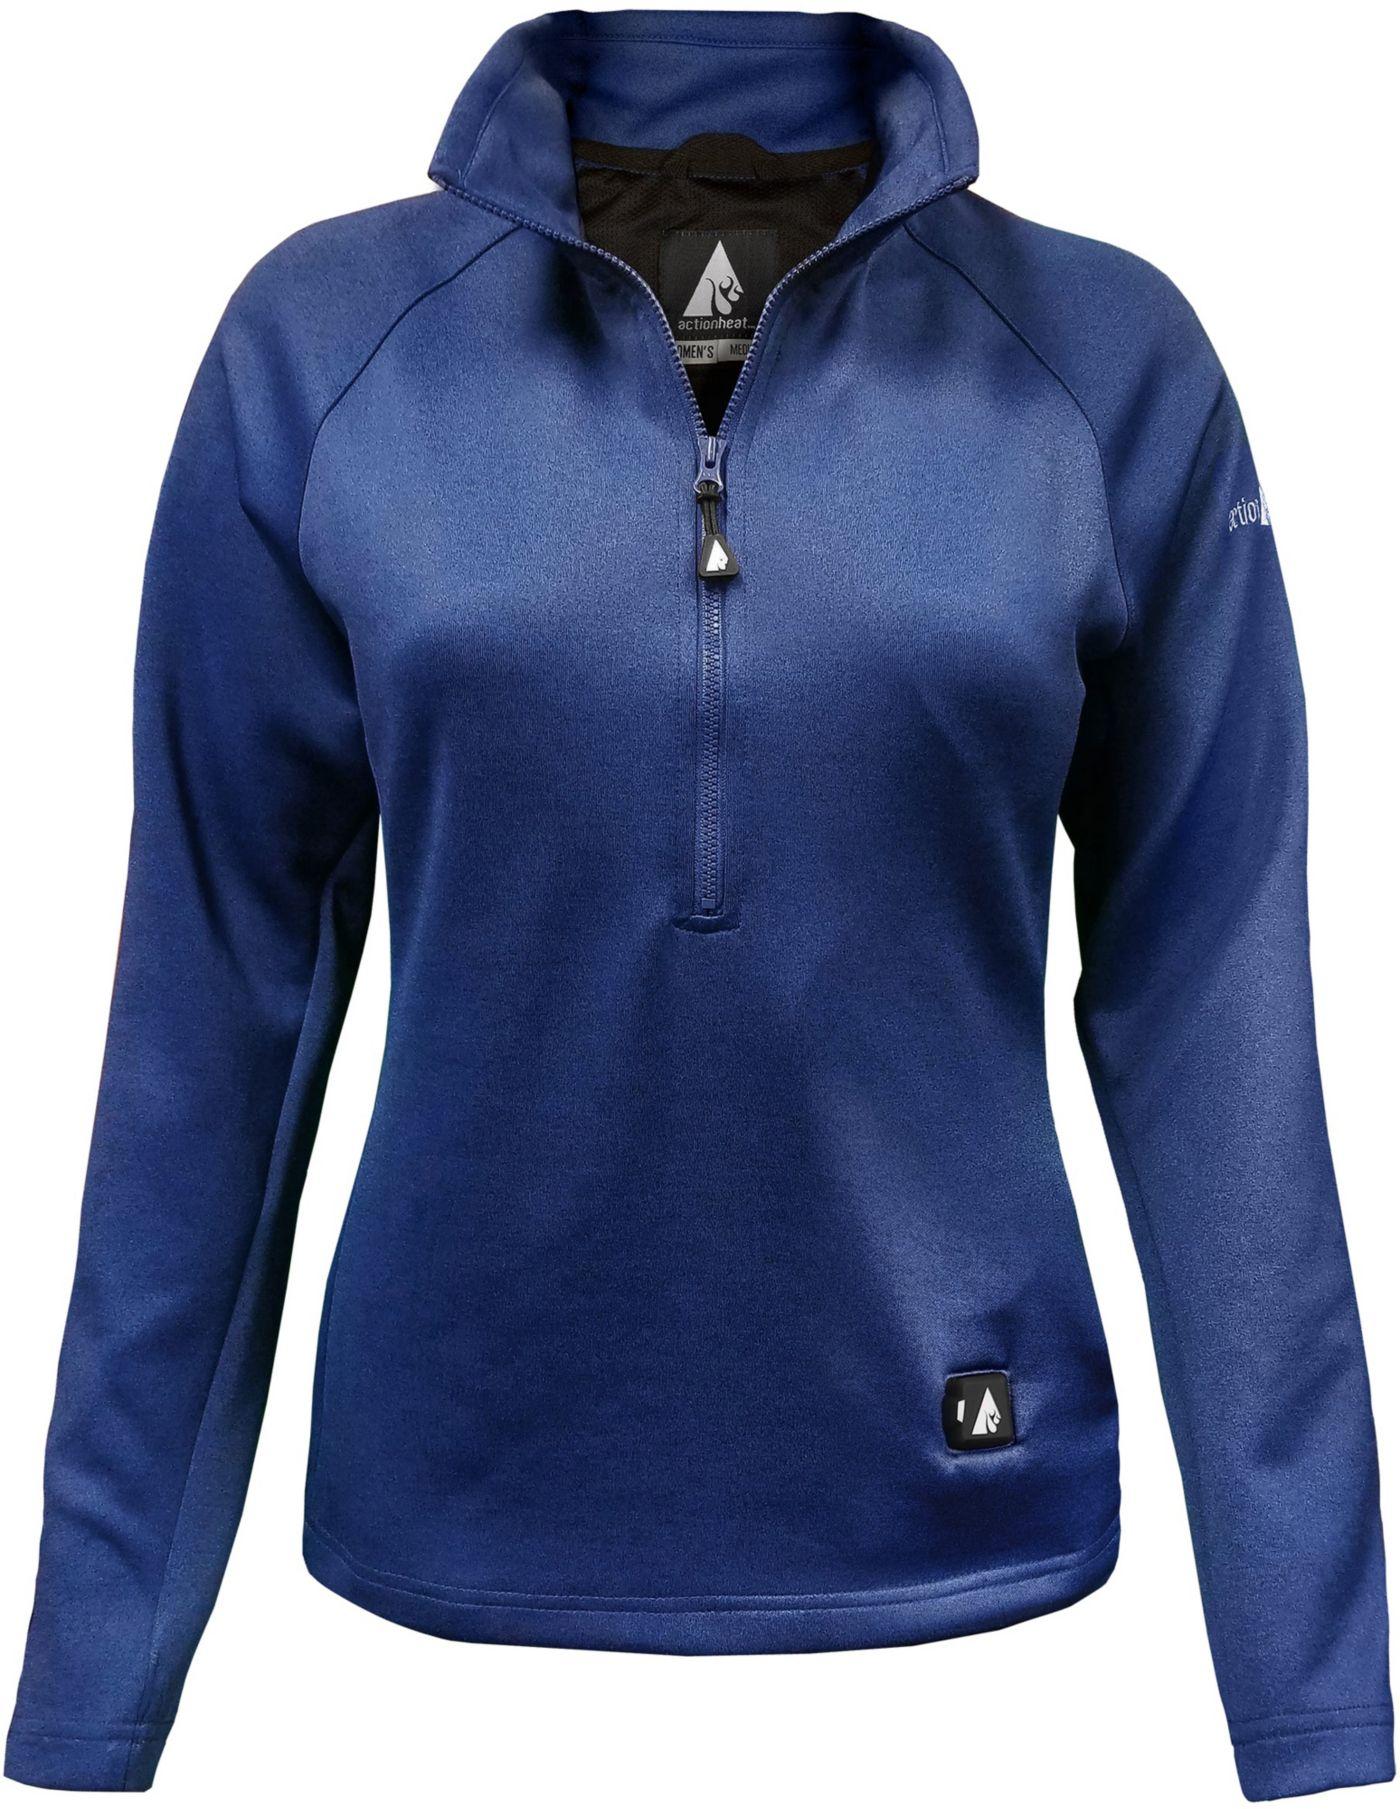 ActionHeat Women's 5V Heated ½ Zip Pullover